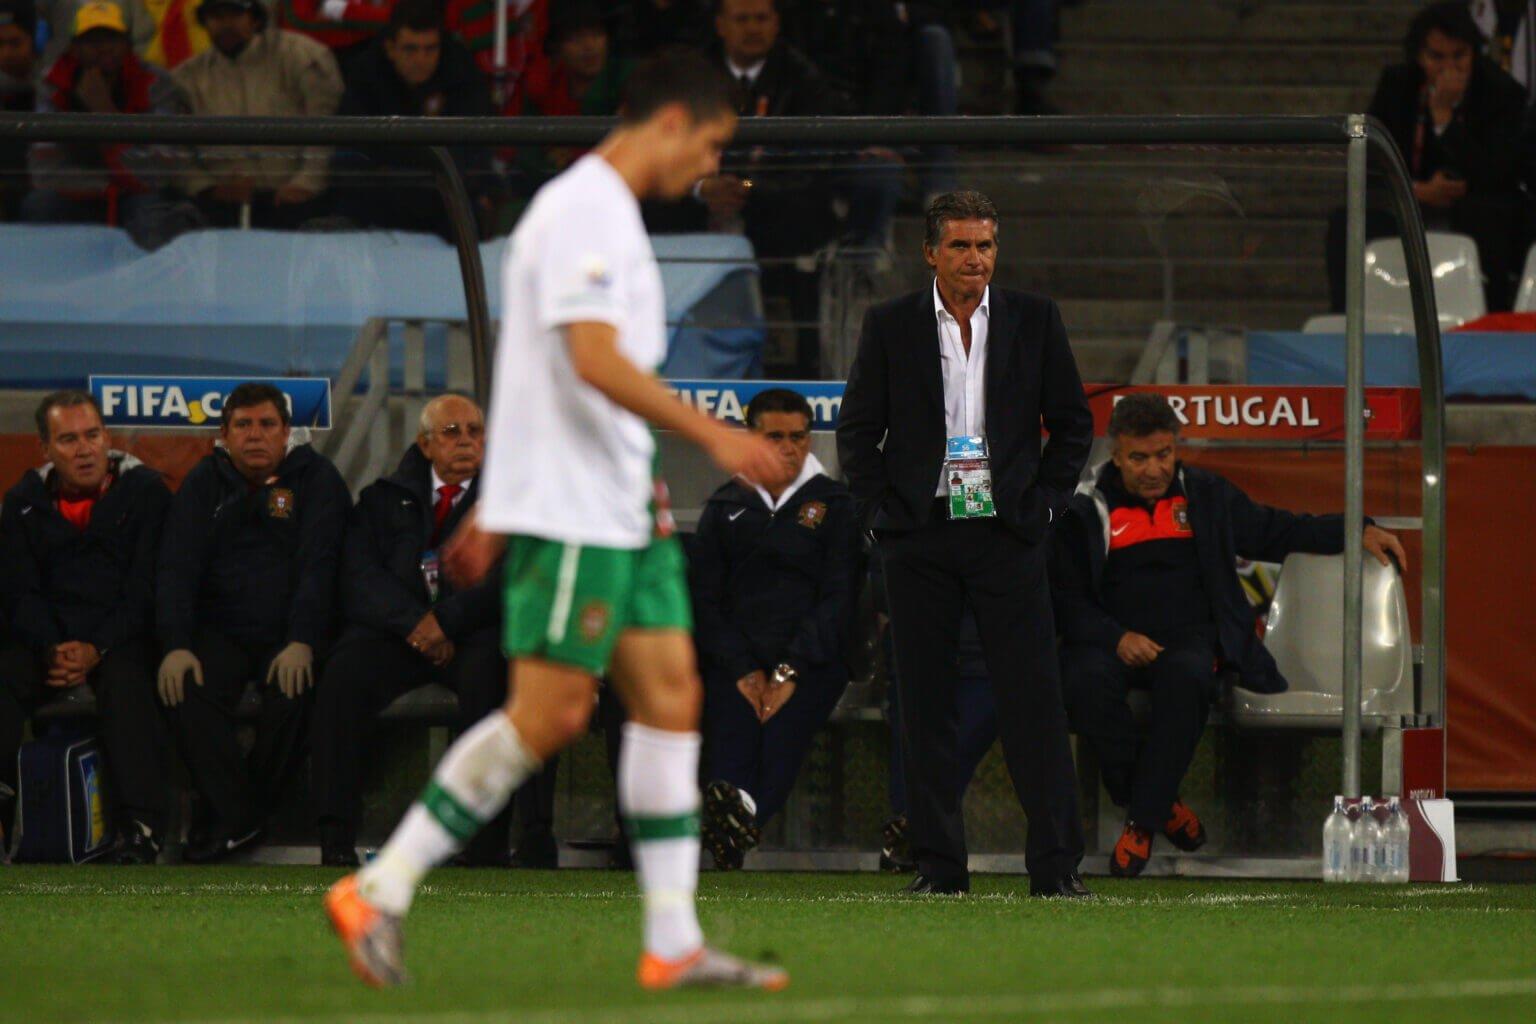 HLV Queiroz tại ĐT Bồ Đào Nha đã bị thất bại khi không có được sự ủng hộ của Ronaldo